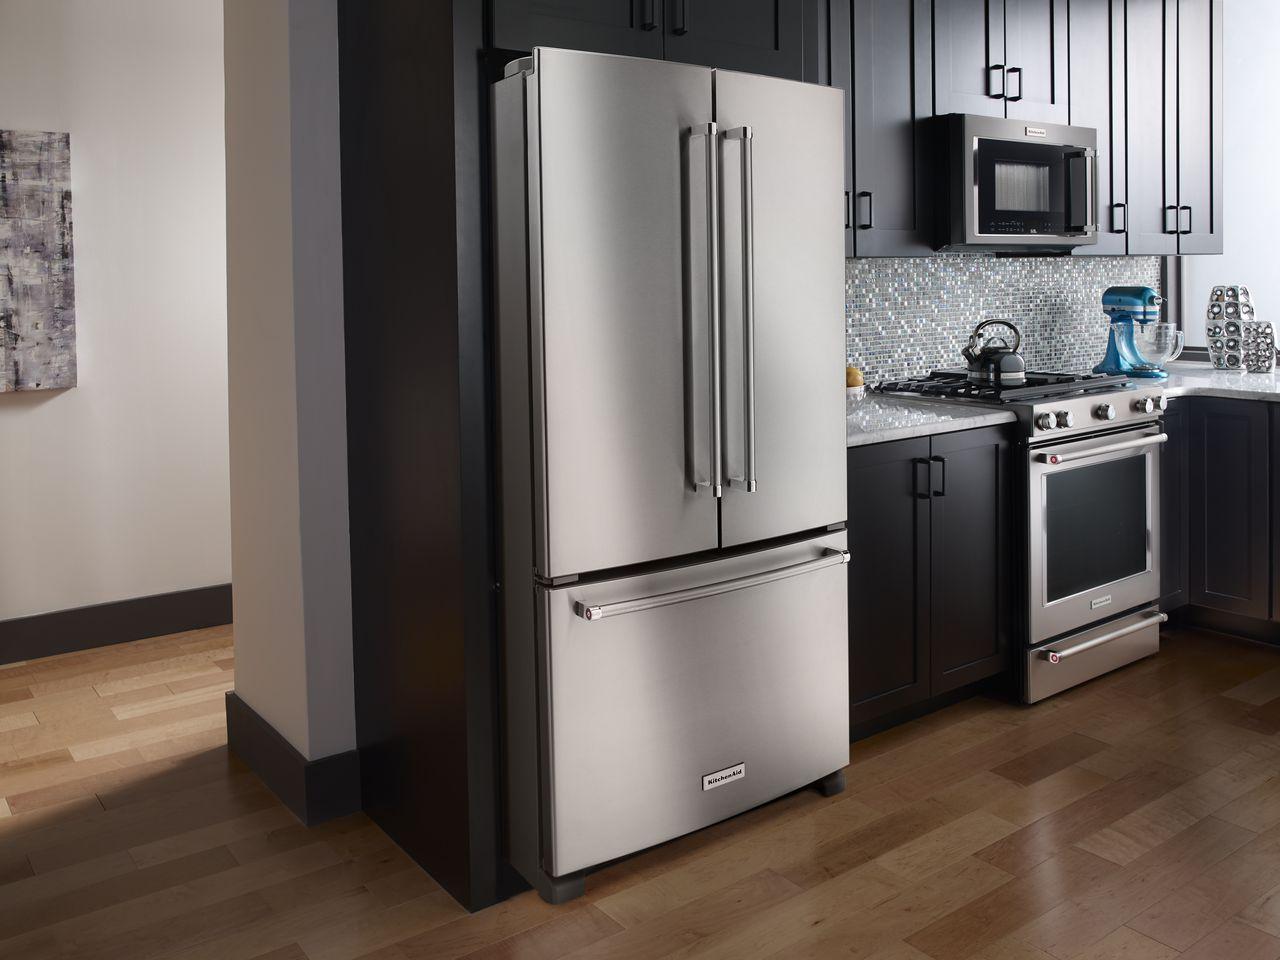 Refrigerador Como Escolher Geladeira Blog Webcontinental